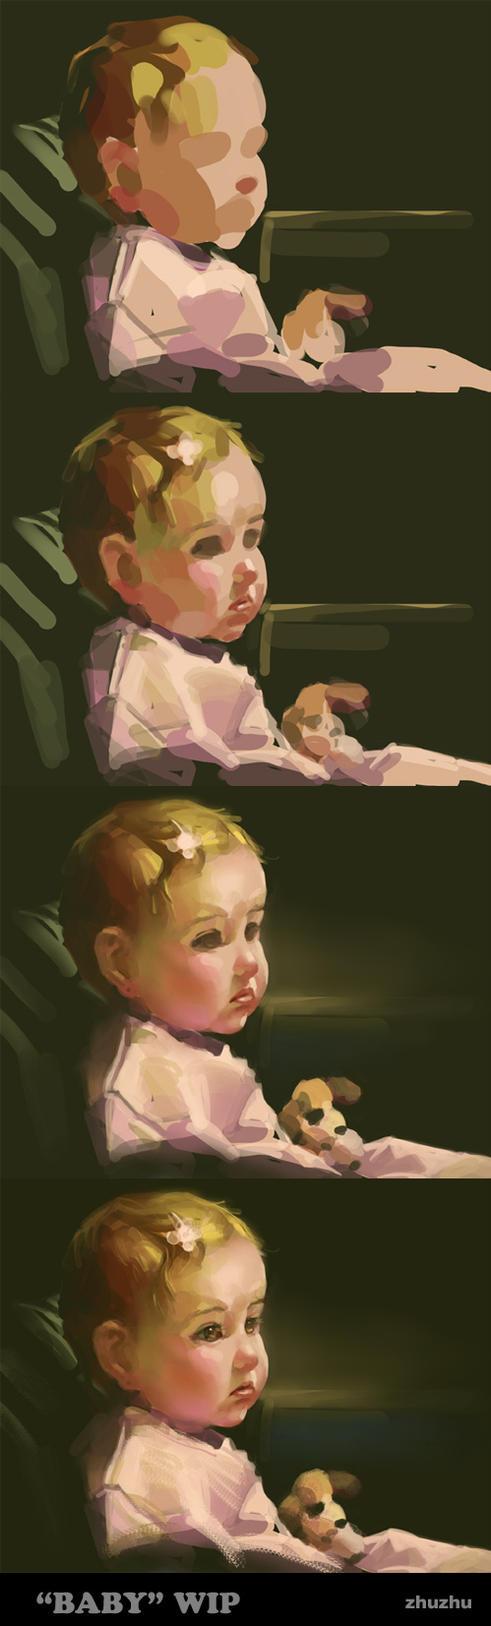 Baby Steps by zhuzhu